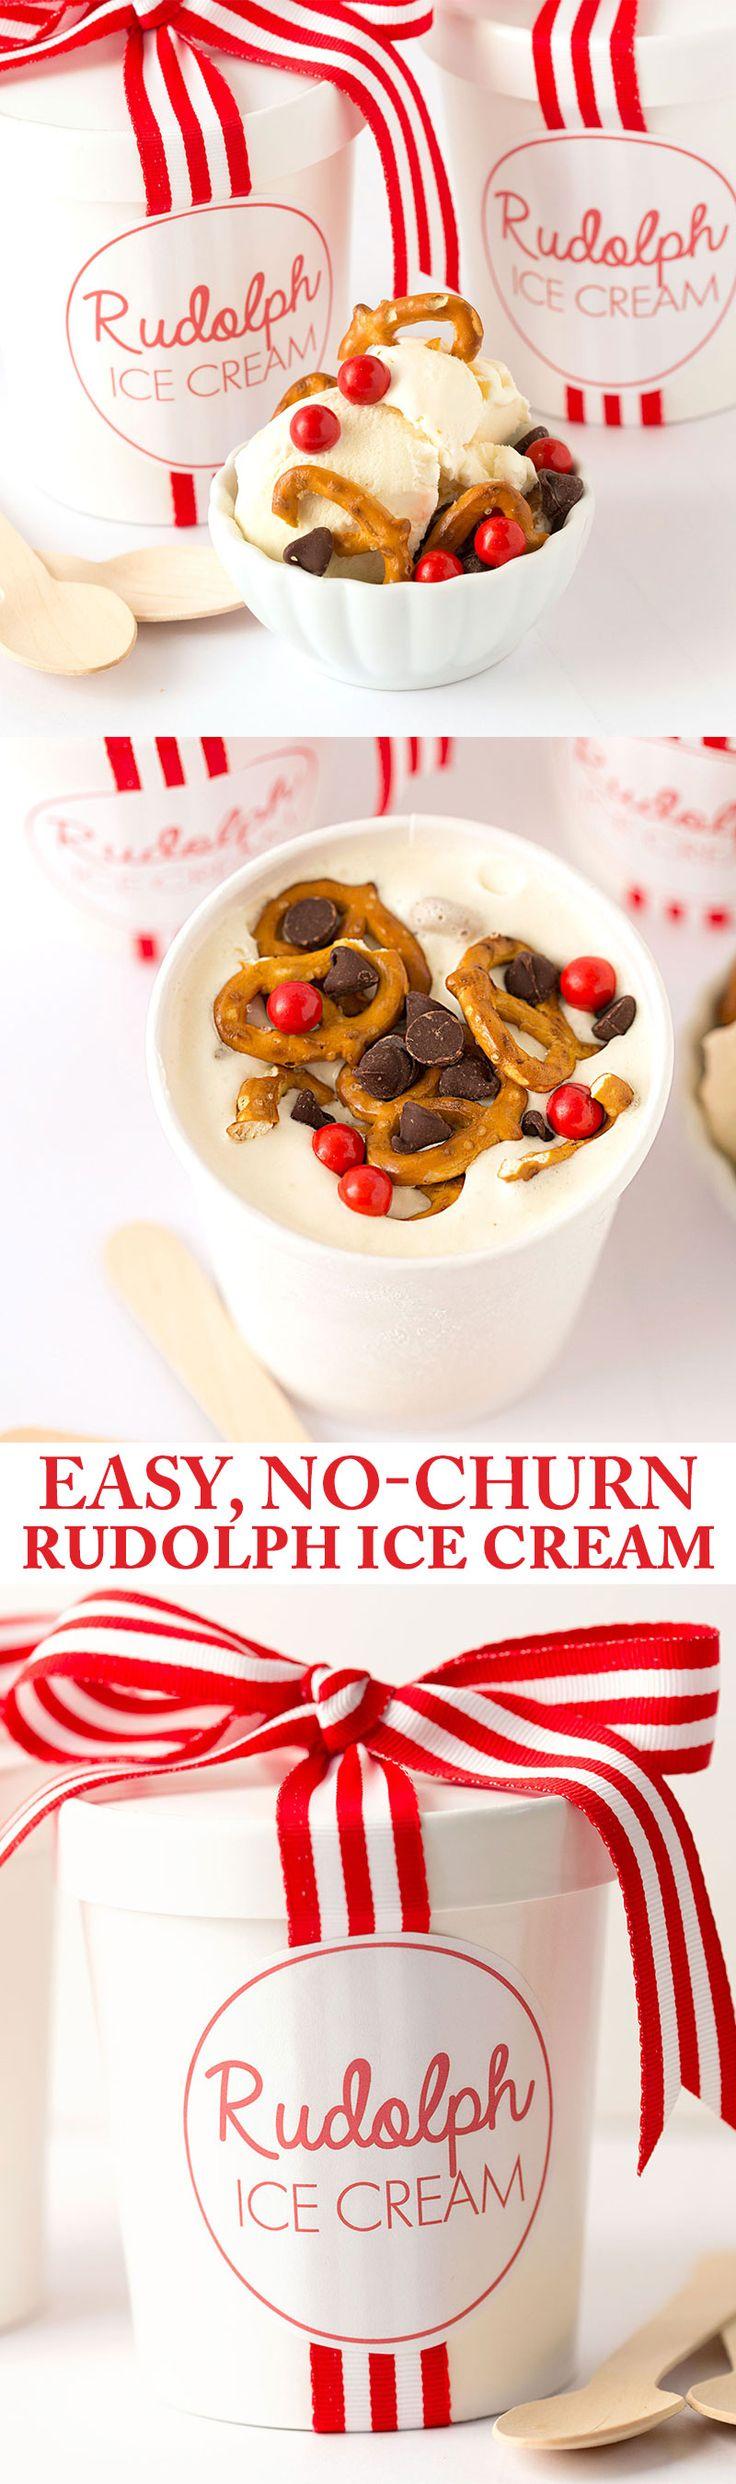 No-Churn Rudolph Ice Cream   Recipe at Pizzazzerie.com